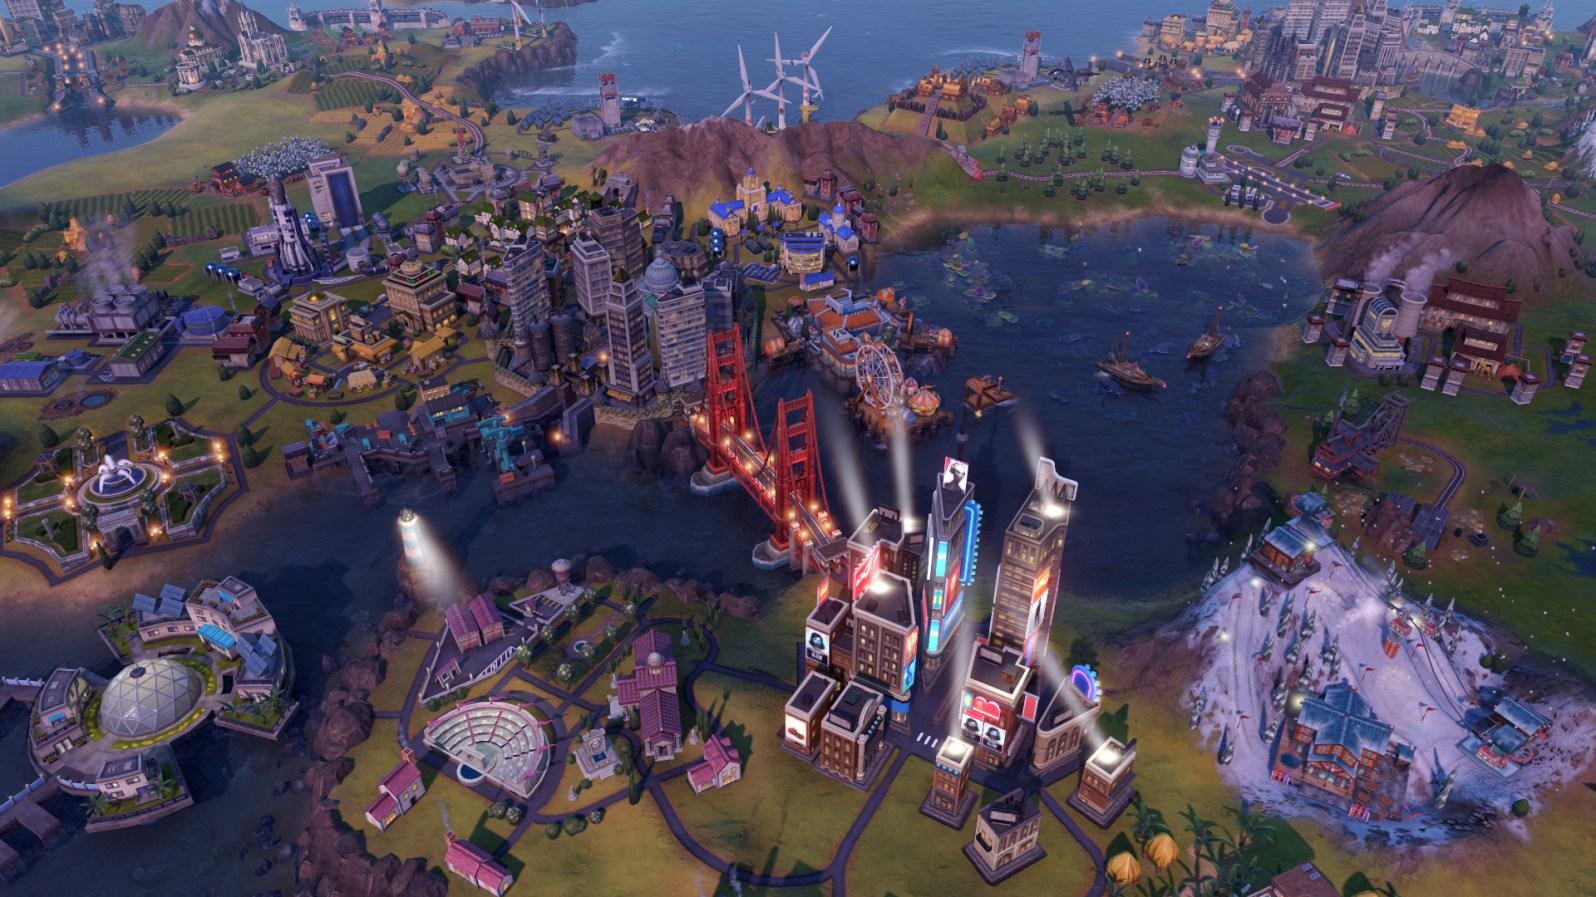 Quelle: civilization.com - Civilization VI: Gathering Storm